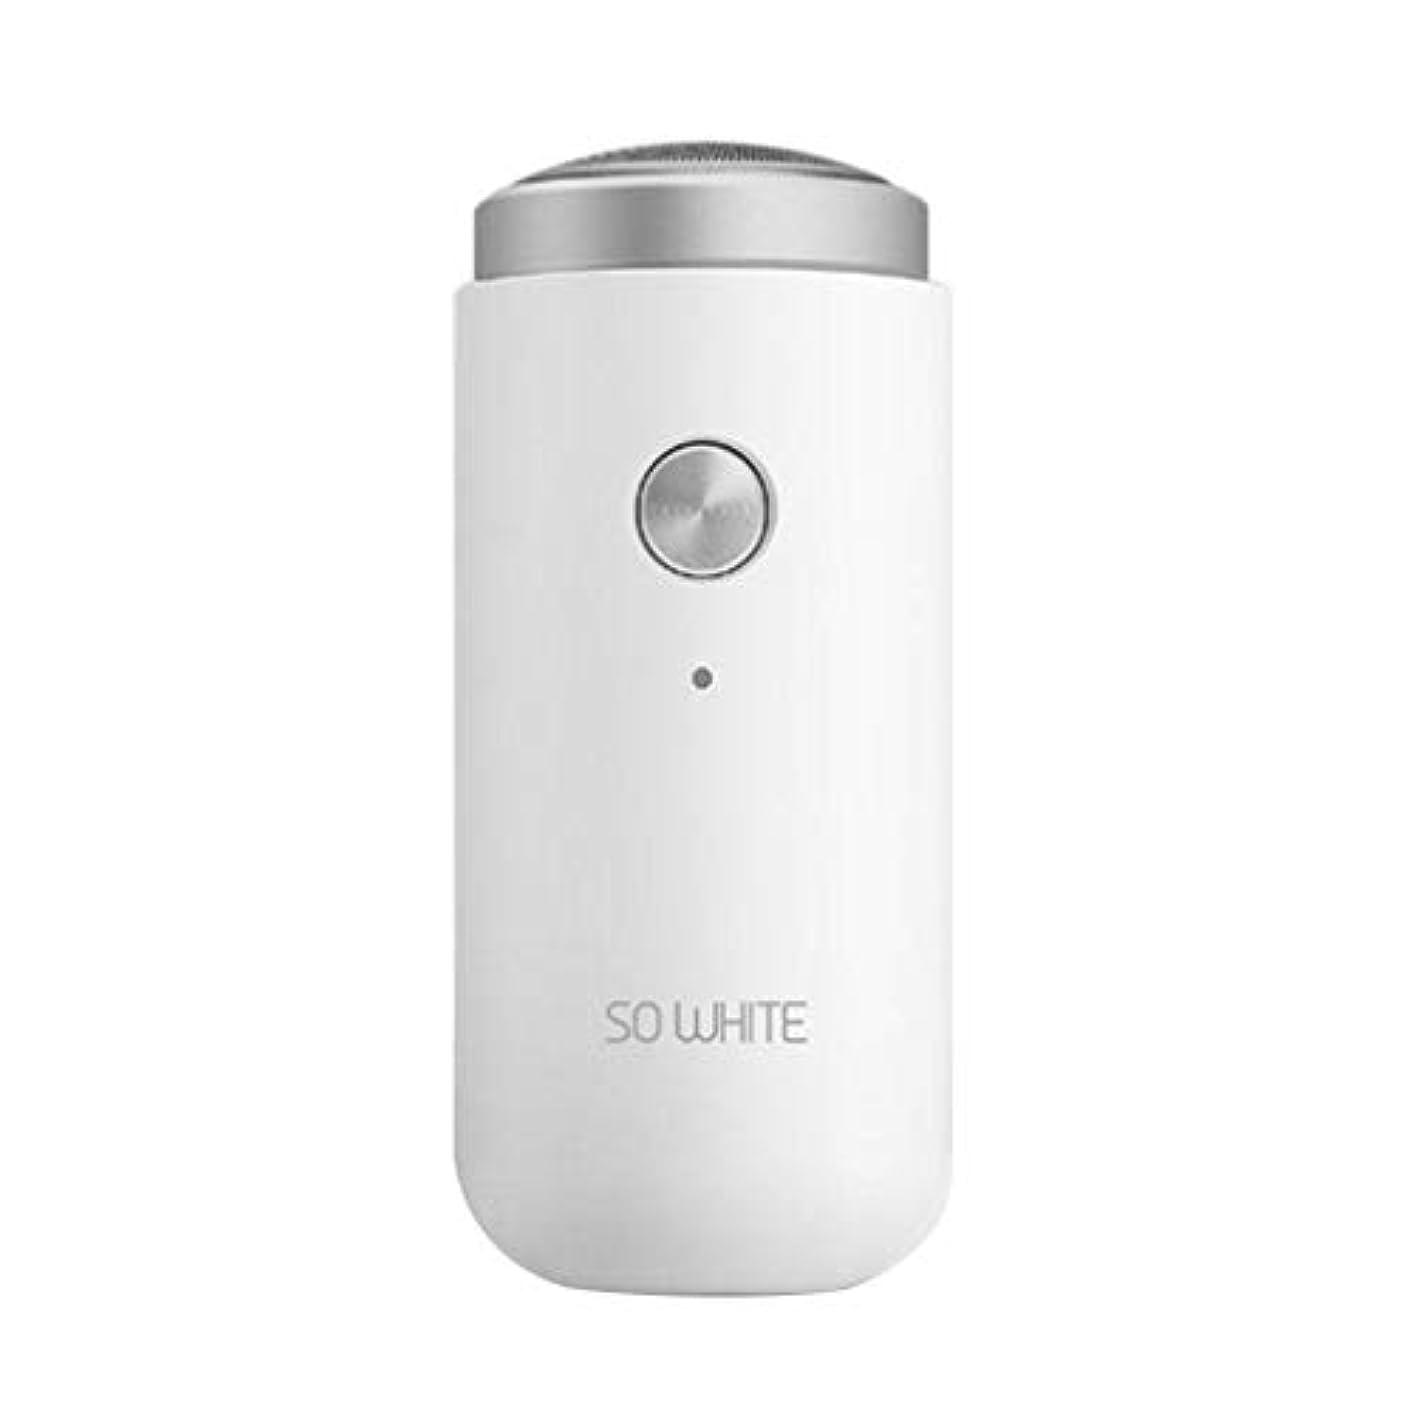 他の場所摘む見つけるA69Qホワイトミニポータブル電気シェーバー メンズ 防水 USB充電 ひげそり 電気カミソリ 水洗い お風呂剃り可 ウェット ドライに適用 (ホワイト)